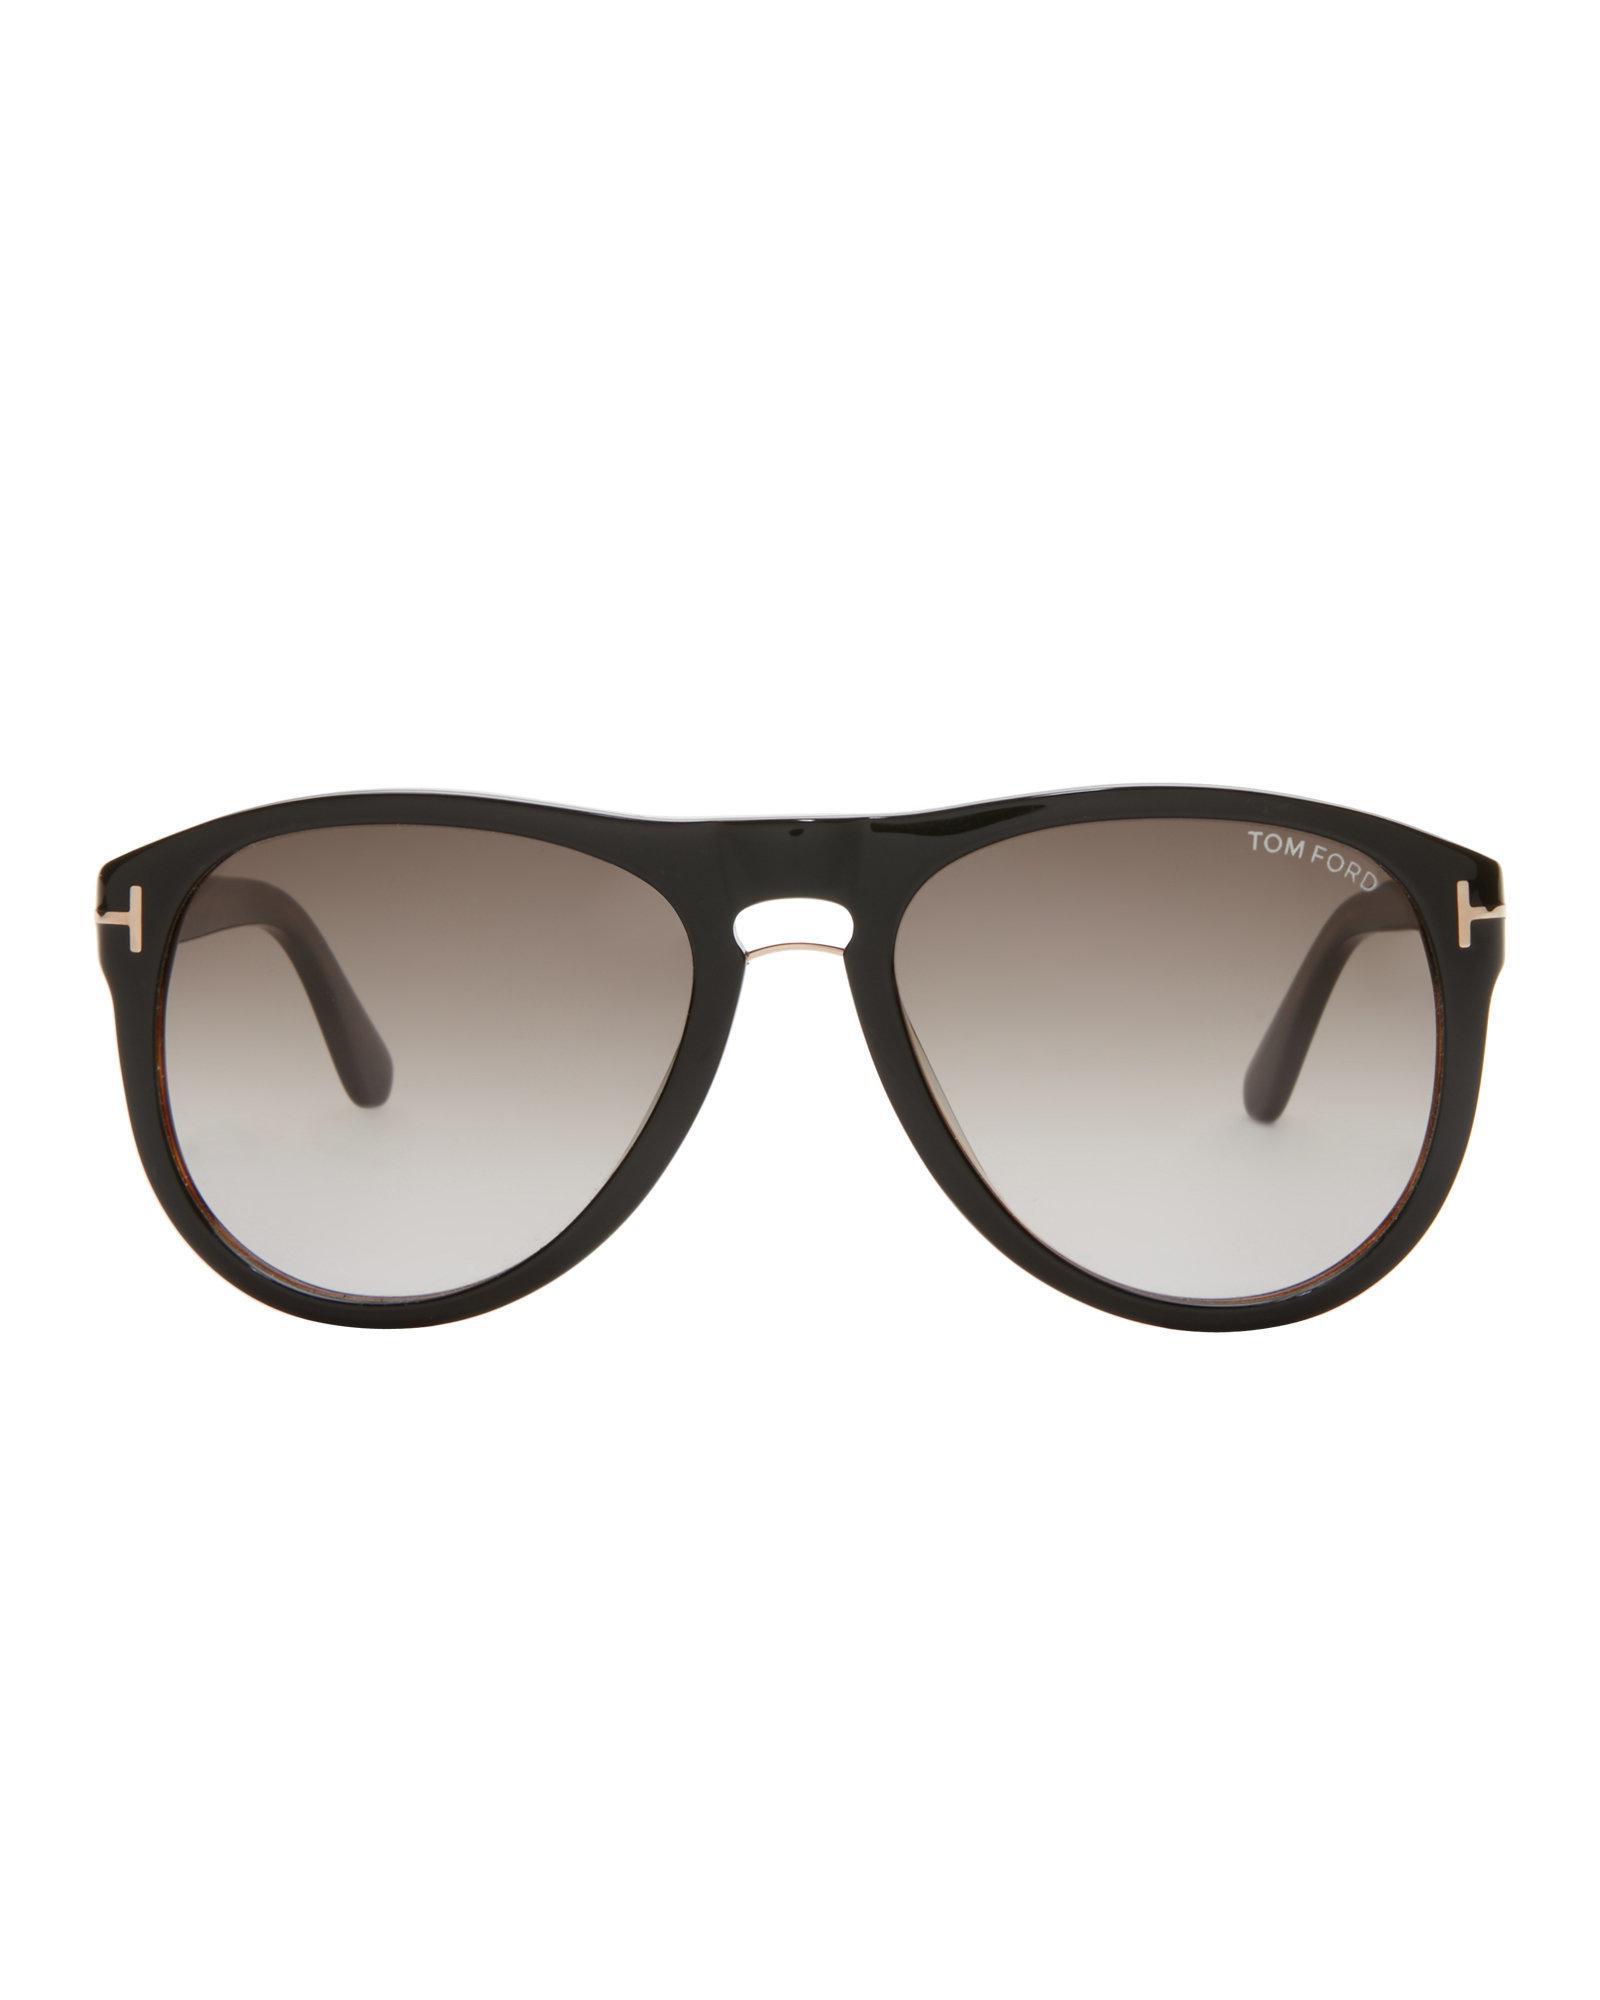 76c0cfa06d Lyst - Tom Ford Tf347 Black   Havana Kurt Aviator Sunglasses in ...